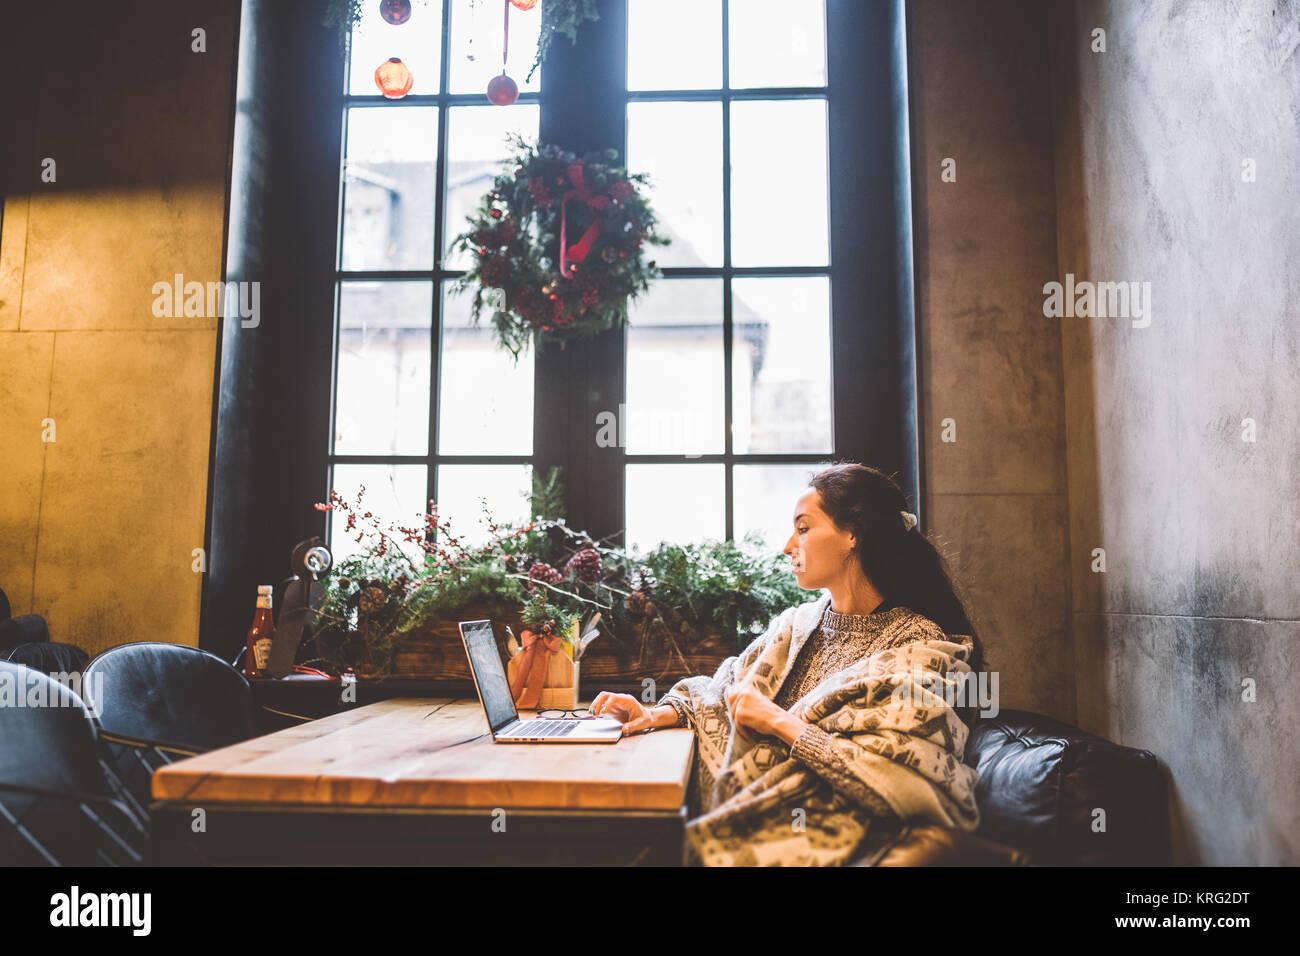 Hermosa joven utiliza la tecnología de ordenadores portátiles, los tipos texto mirando el monitor en una cafetería Foto de stock